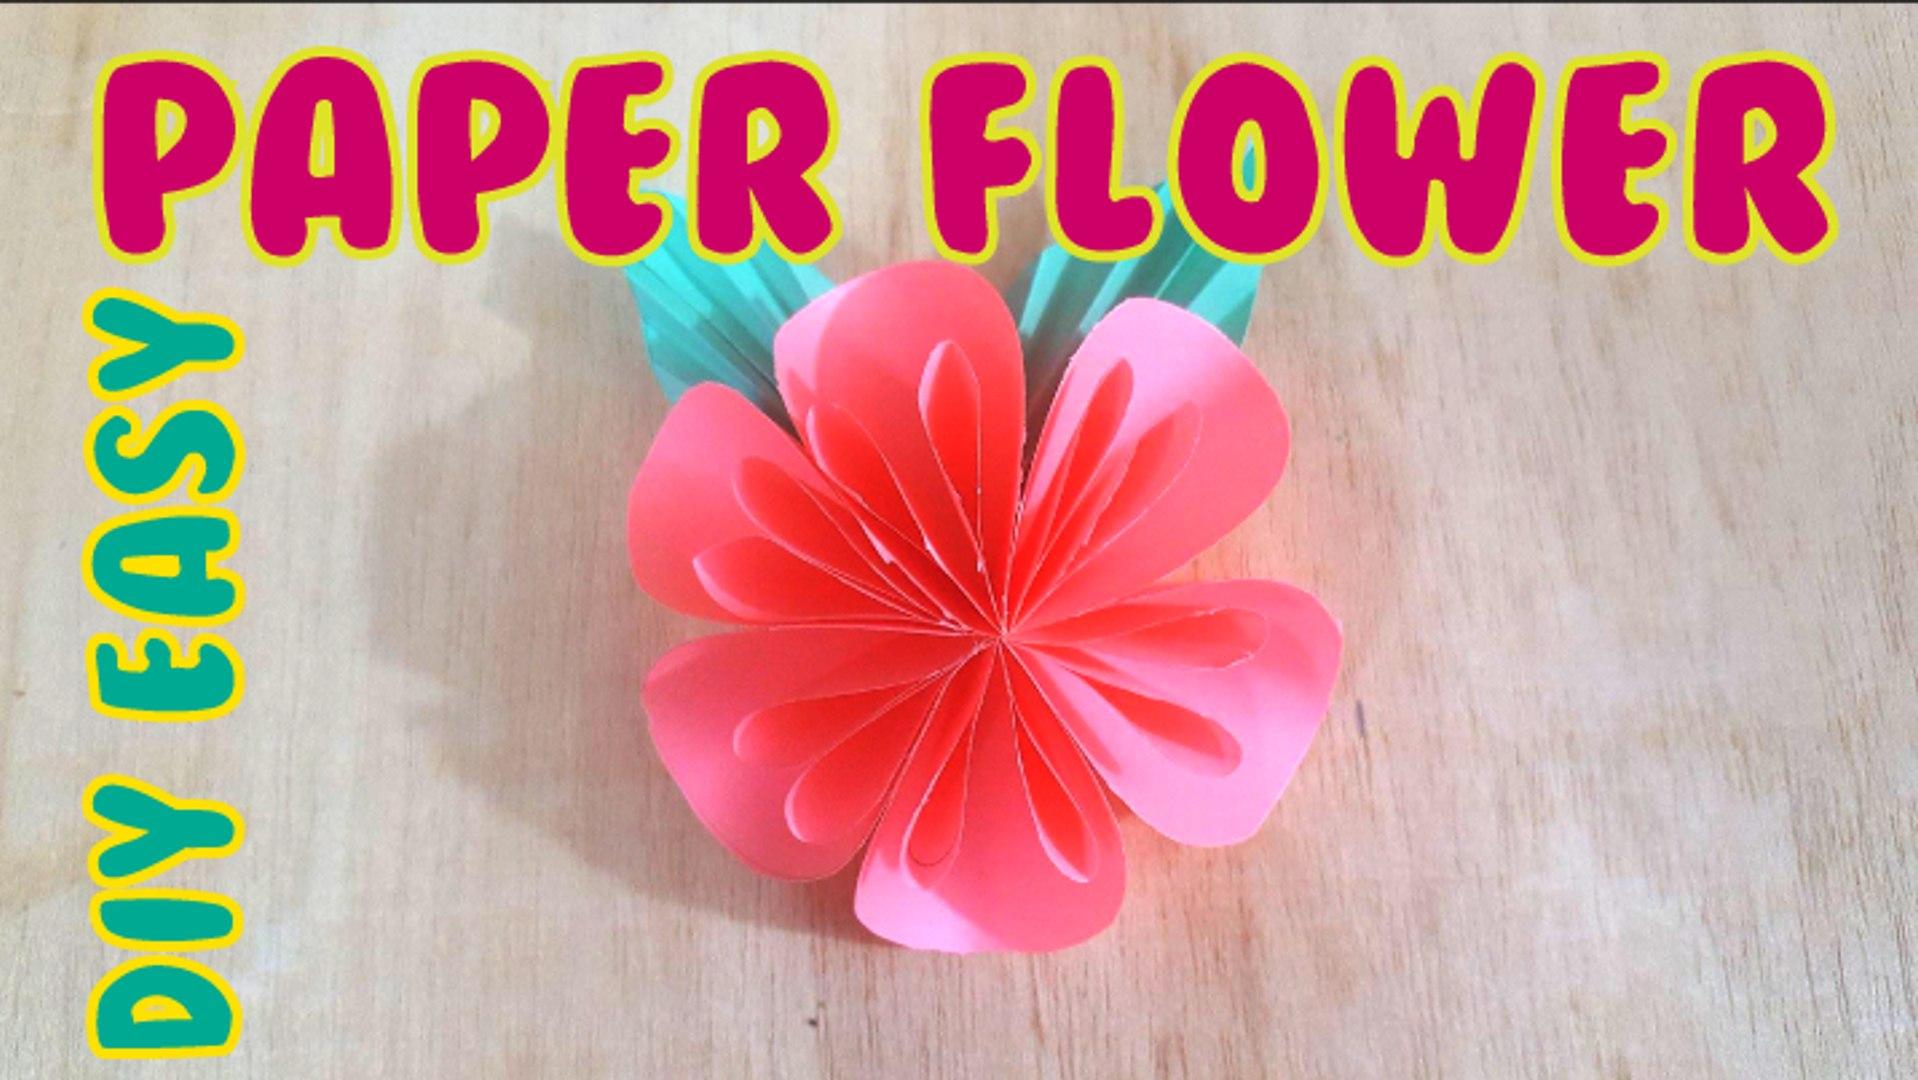 Easy Diy Easy Paper Flower Paper Flower Paper Flower Quilling Paper Flower Wall Paper Flower 3d